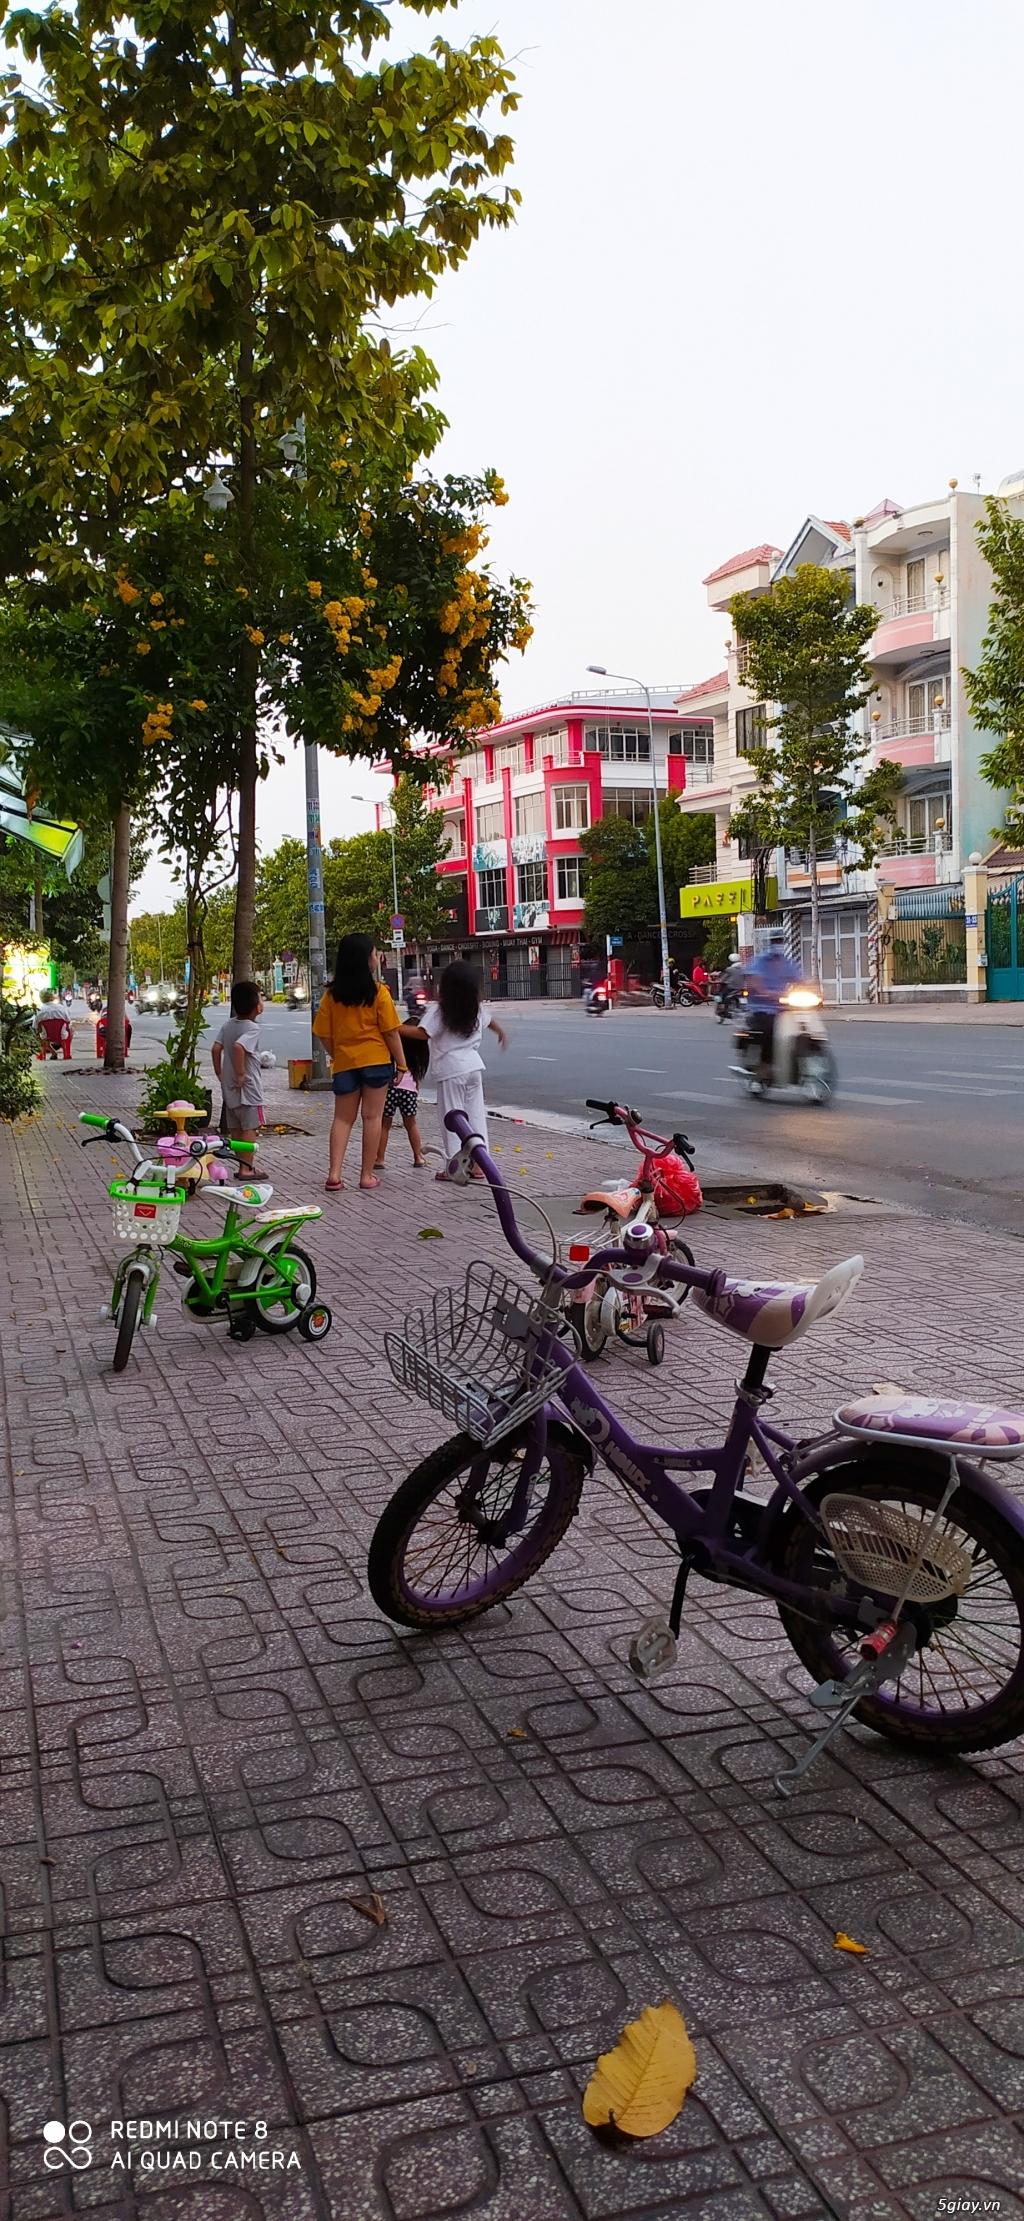 Bán Nhà MT Dương Quang Đông (đường 1011 cũ)